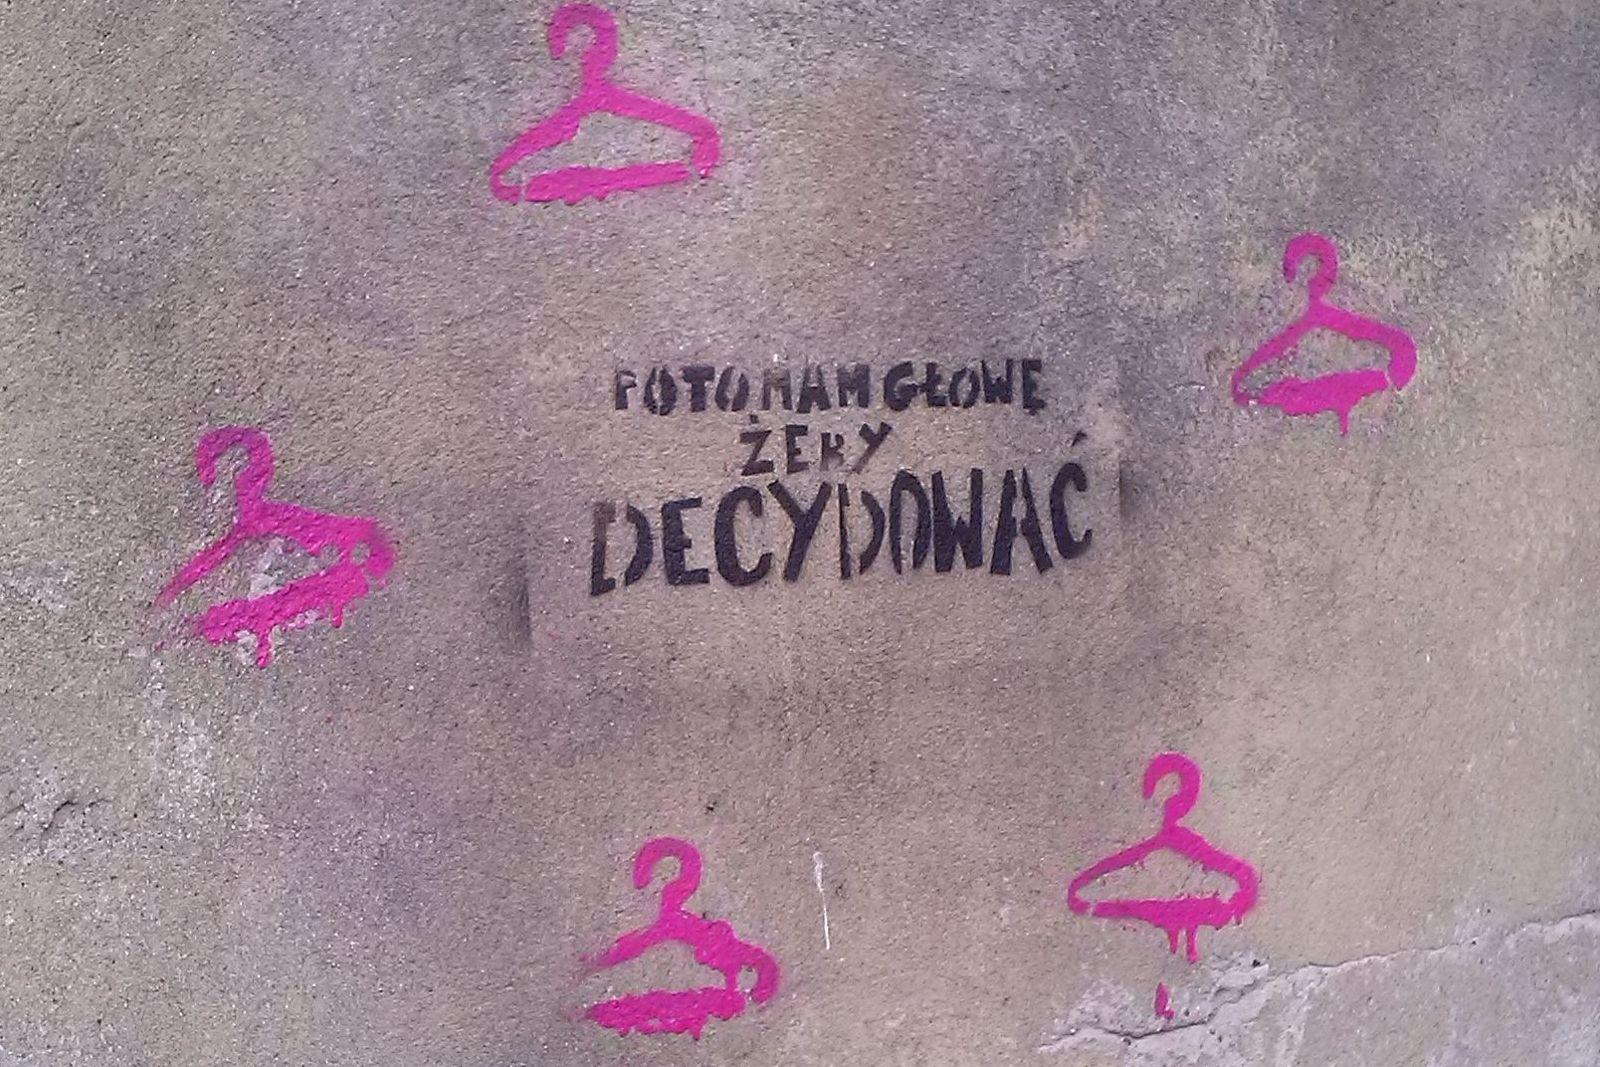 """Graffiti gegen das Abtreibungsverbot in Łódź: """"po to mam głowę żeby decydować"""" - """"Dafür habe ich einen Kopf: um zu entscheiden"""""""